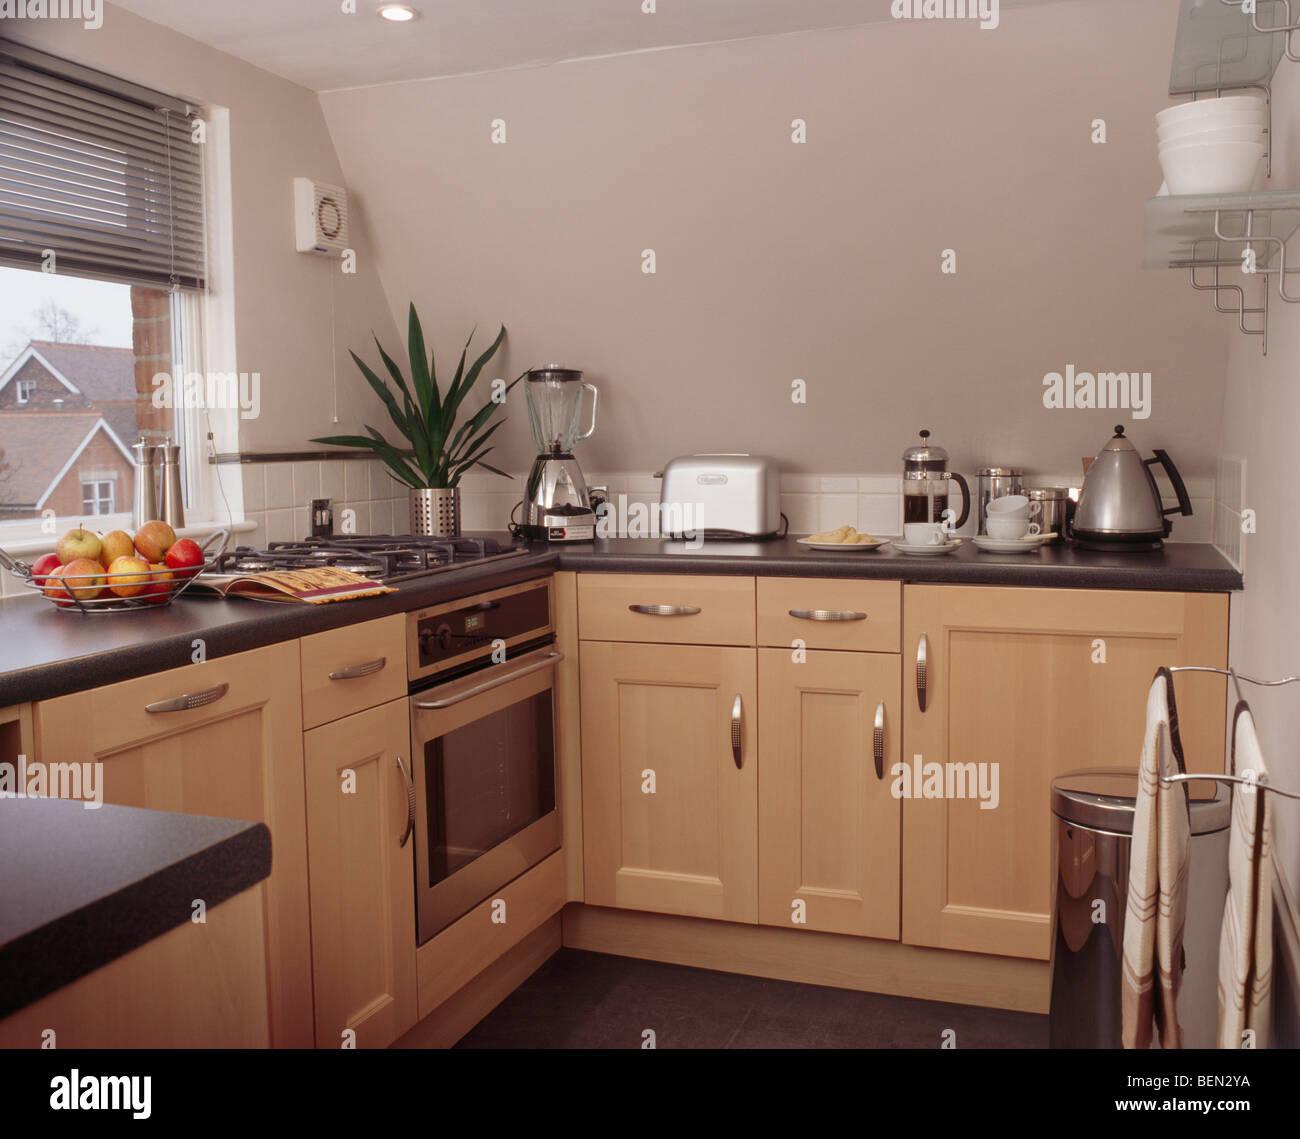 Hellem Holz ausgestattet Einheiten in kleine Wohnung Küche mit ...